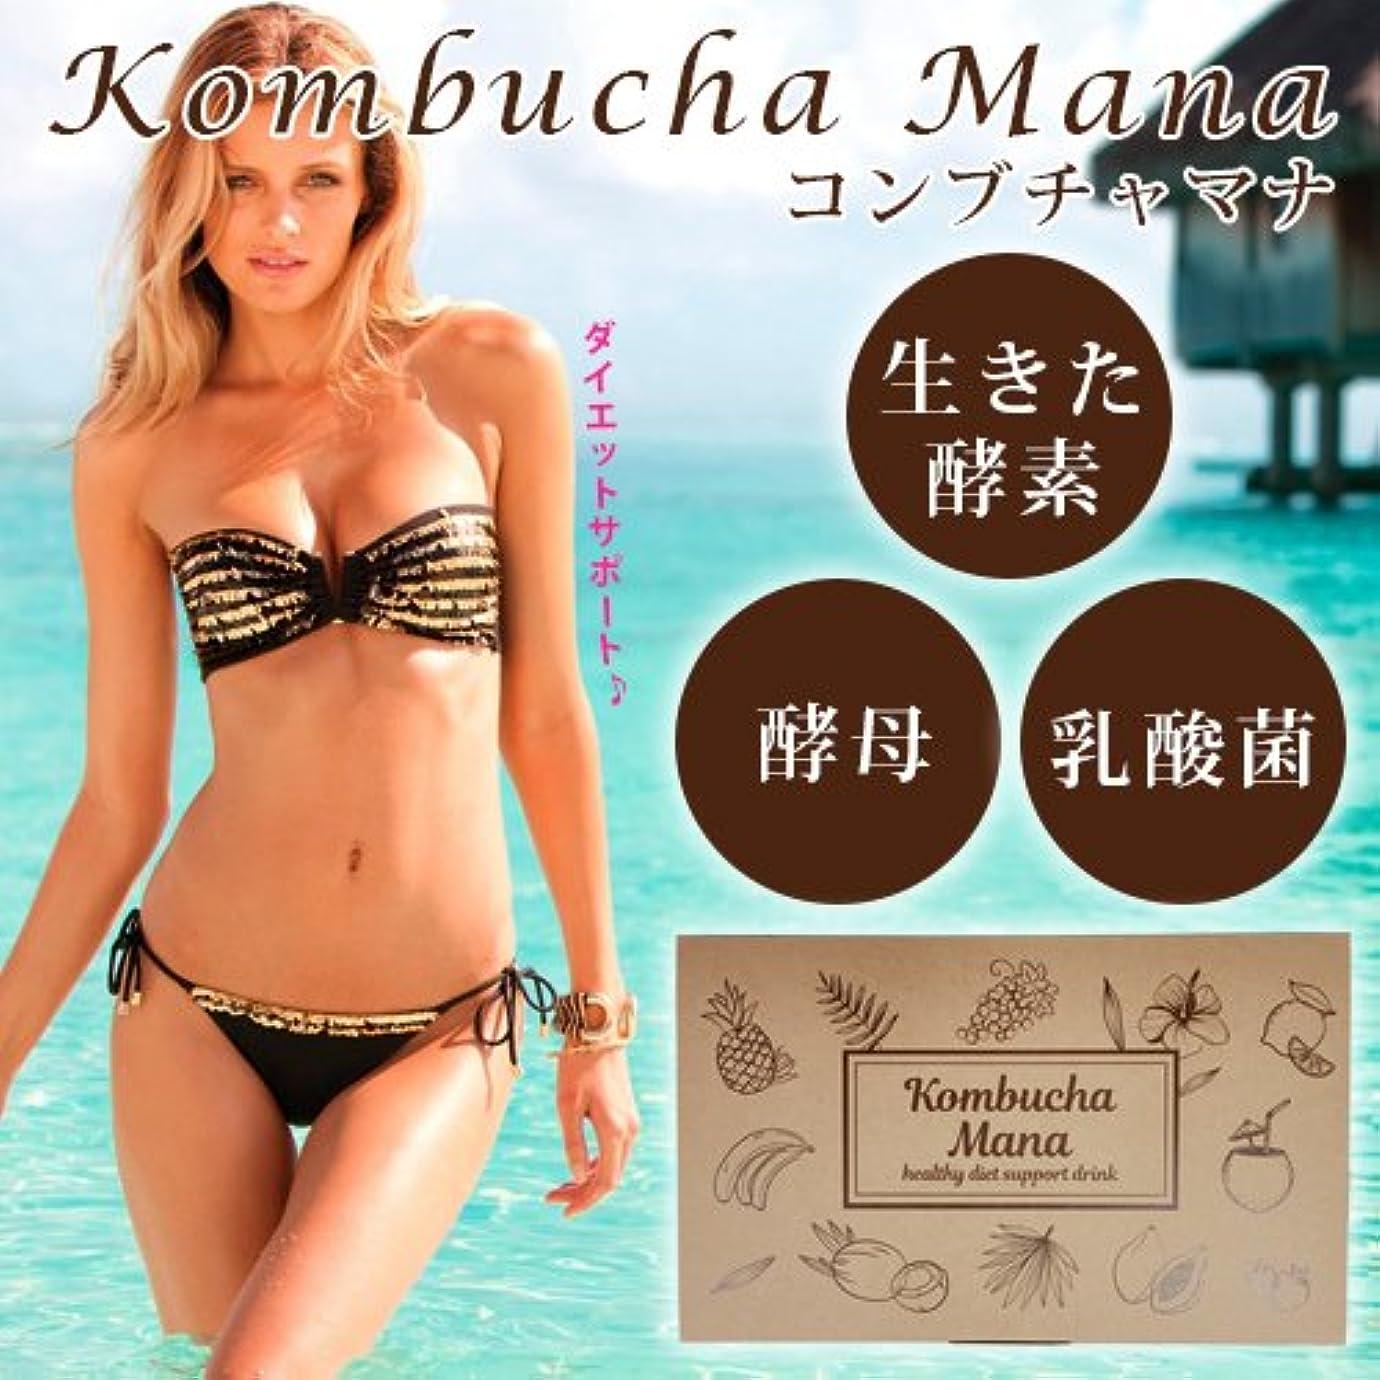 文明化スズメバチせせらぎコンブチャマナ(Kombucha Mana)ダイエットクレンジングドリンク (1箱)